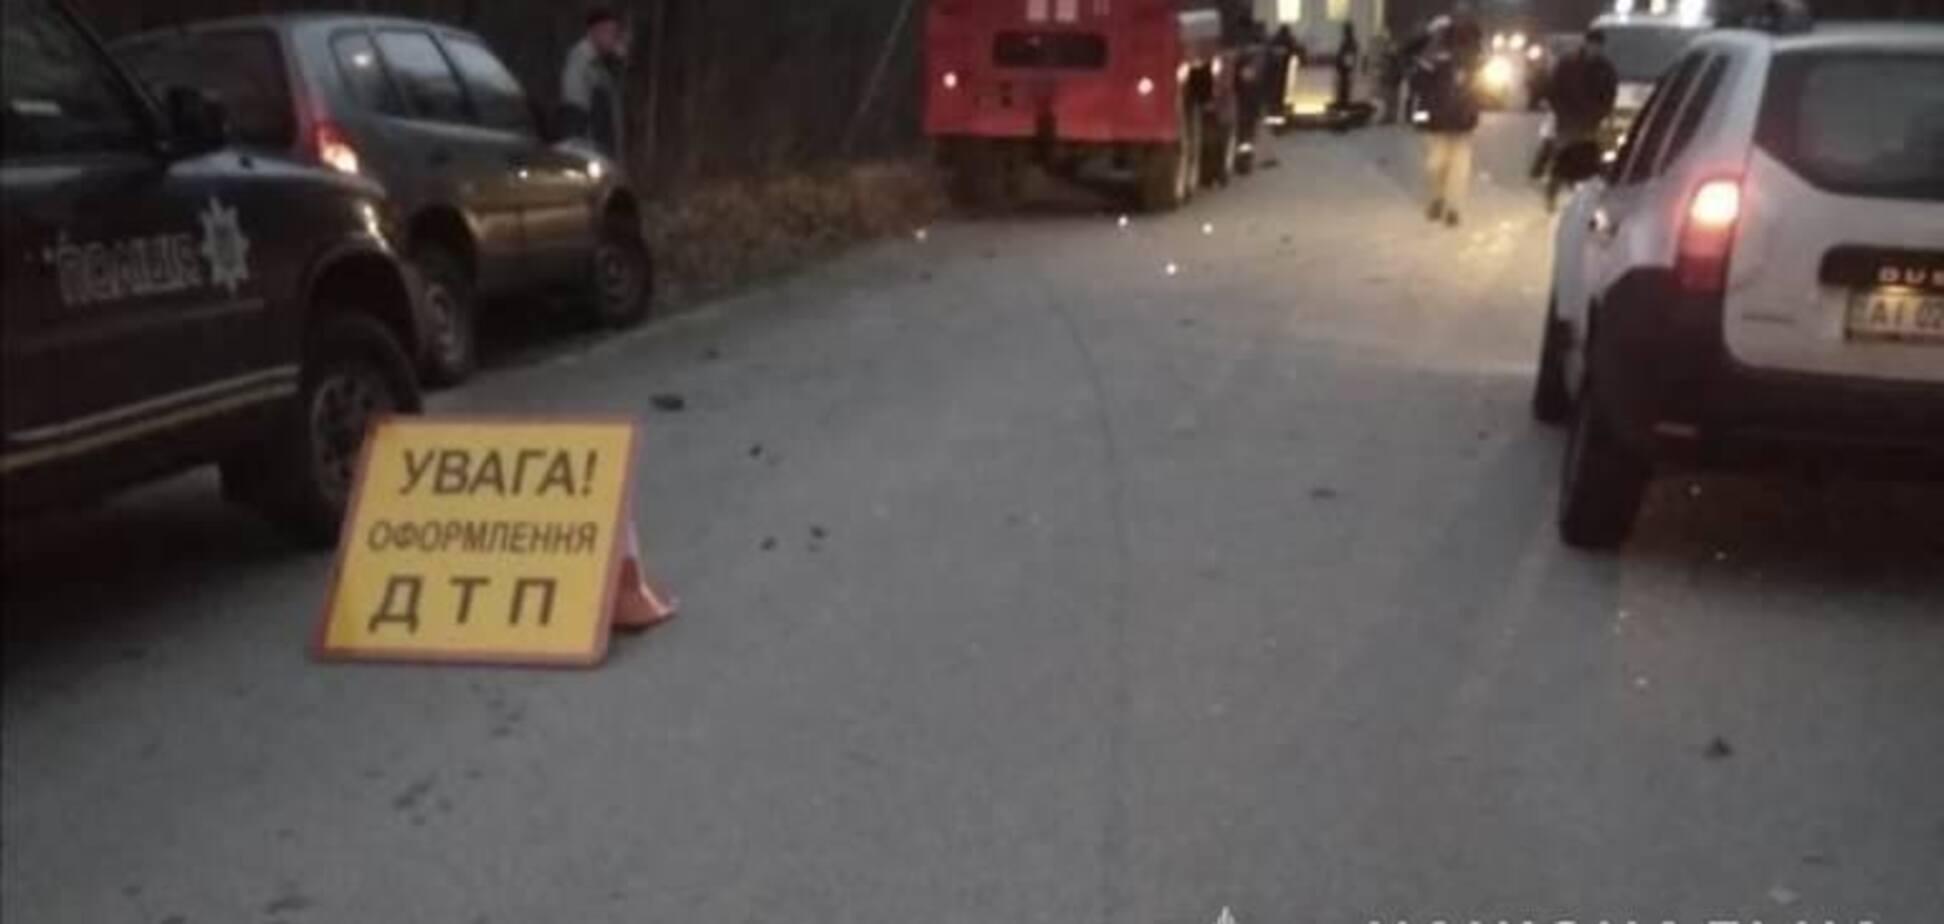 Британці потрапили в серйозну аварію у зоні ЧАЕС: фото, відео